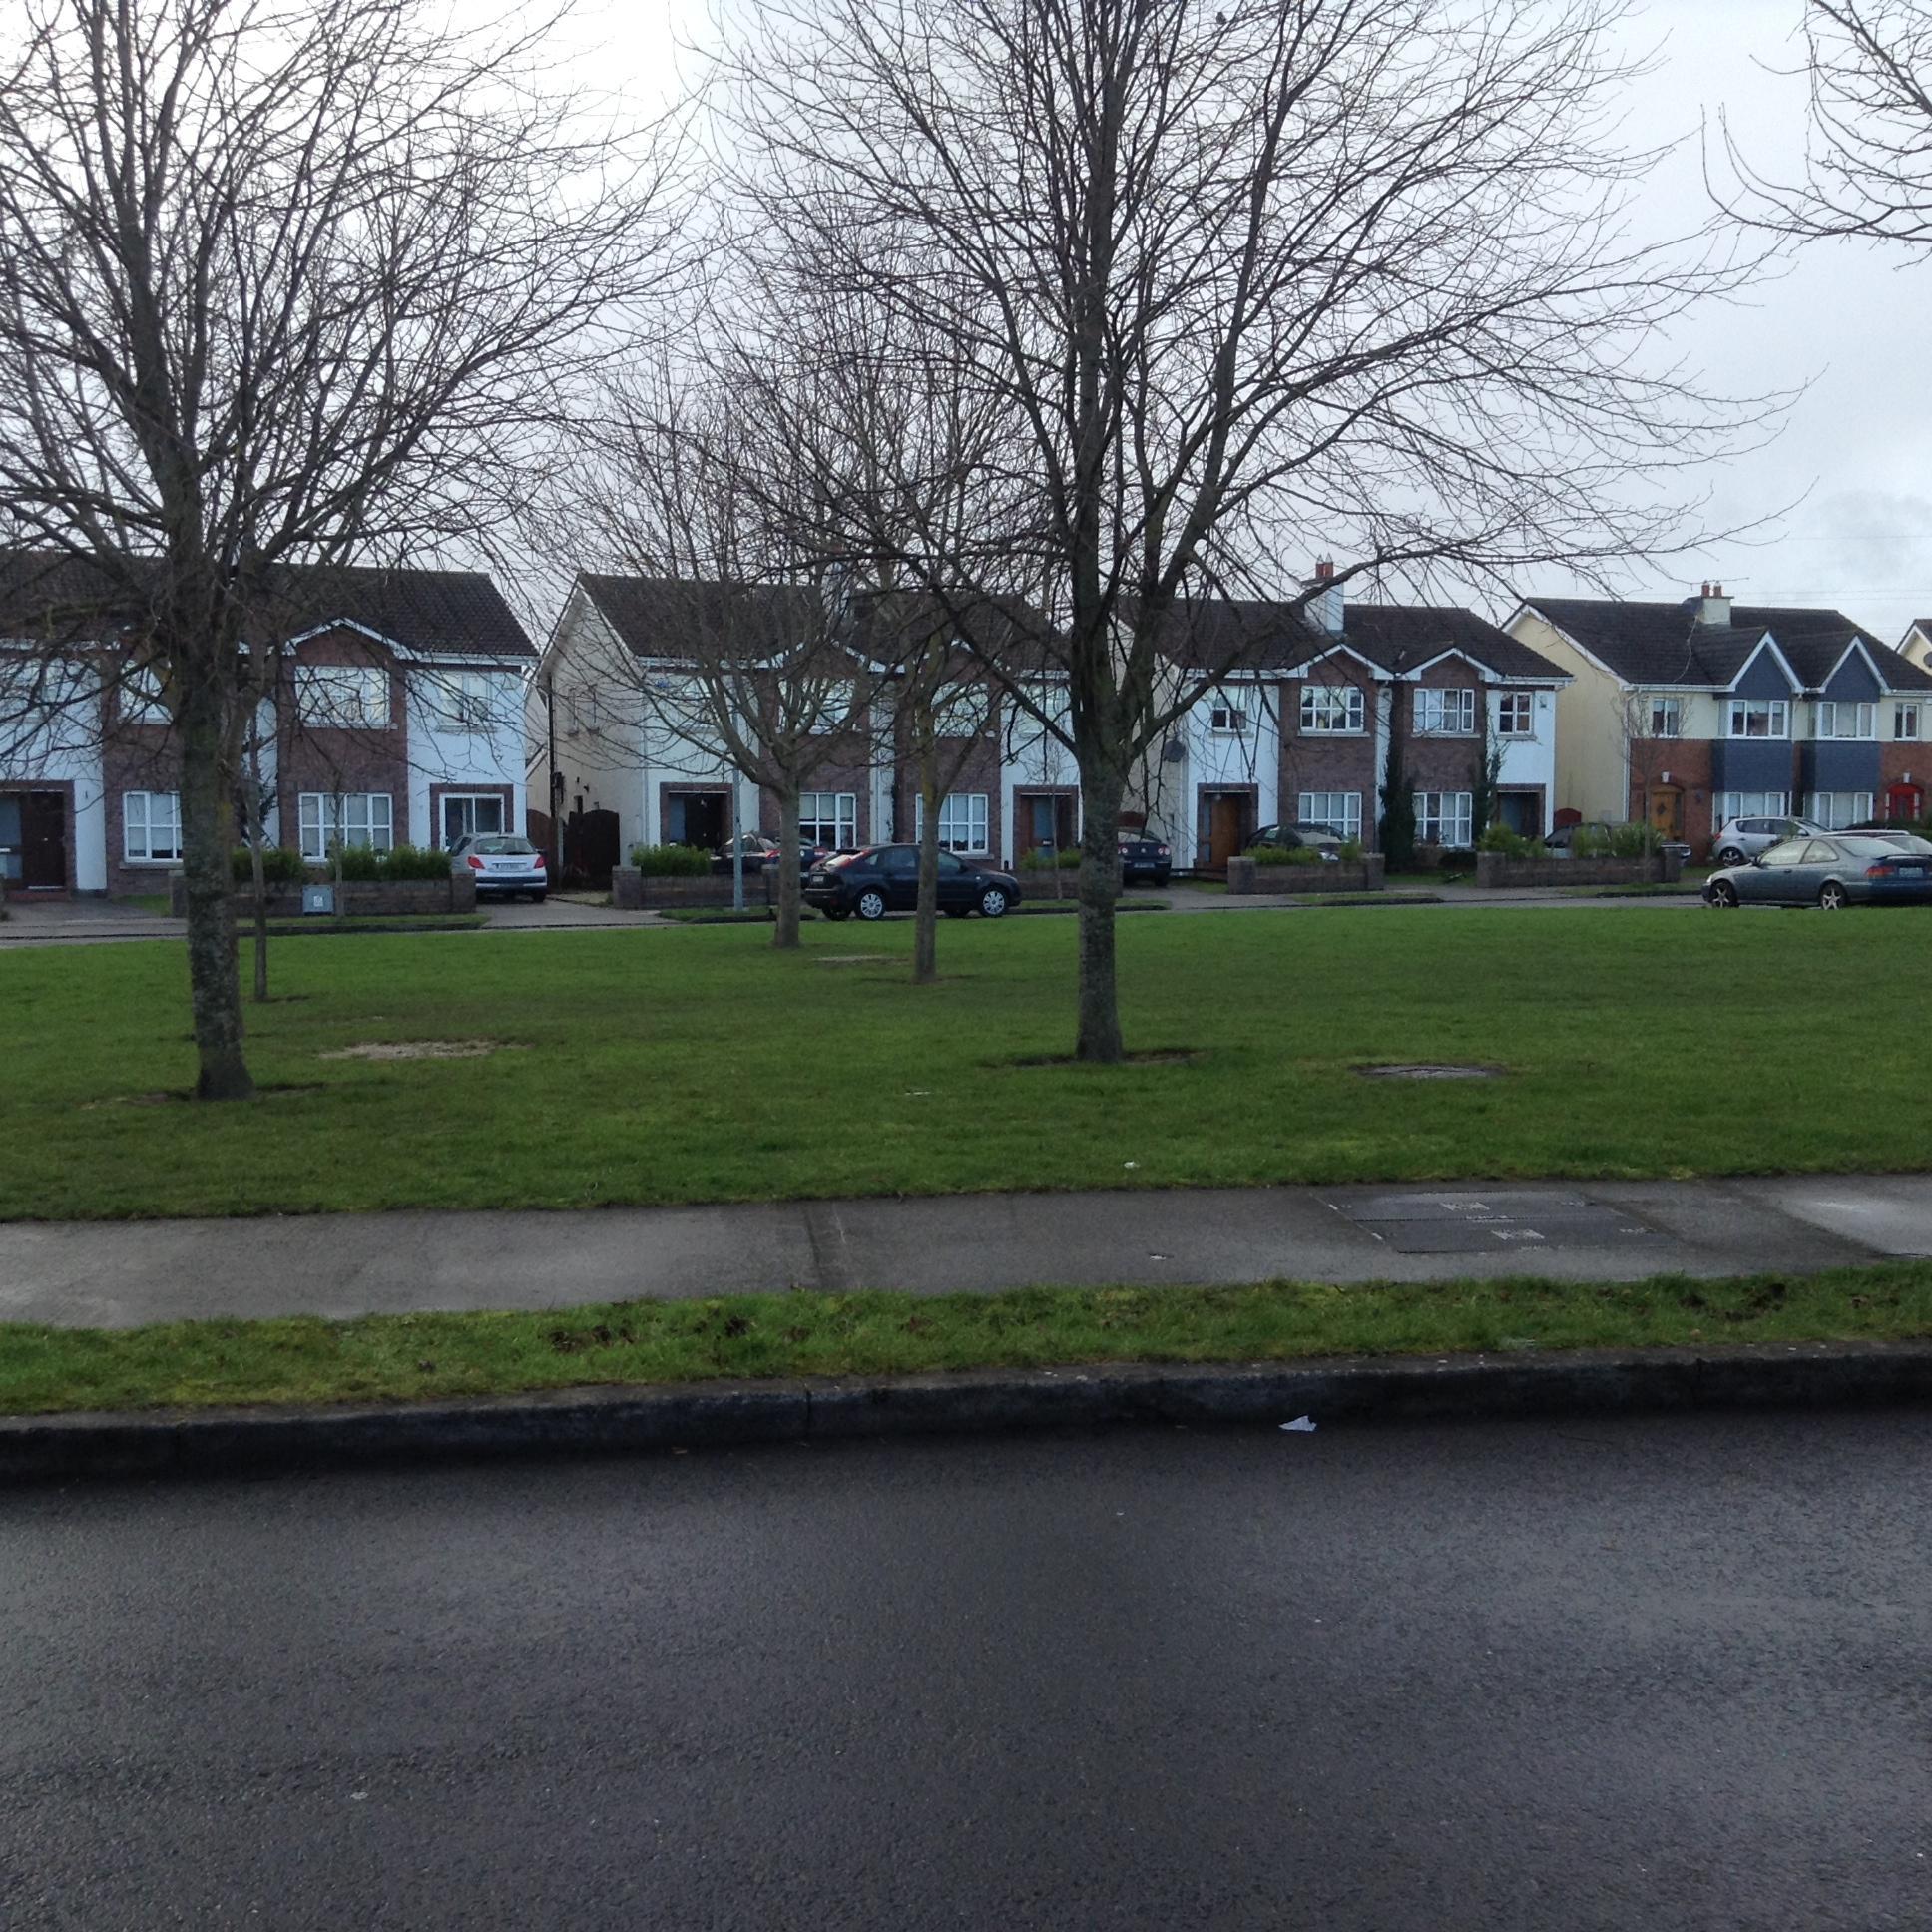 Imagen viviendas en la localidad de Leixlip